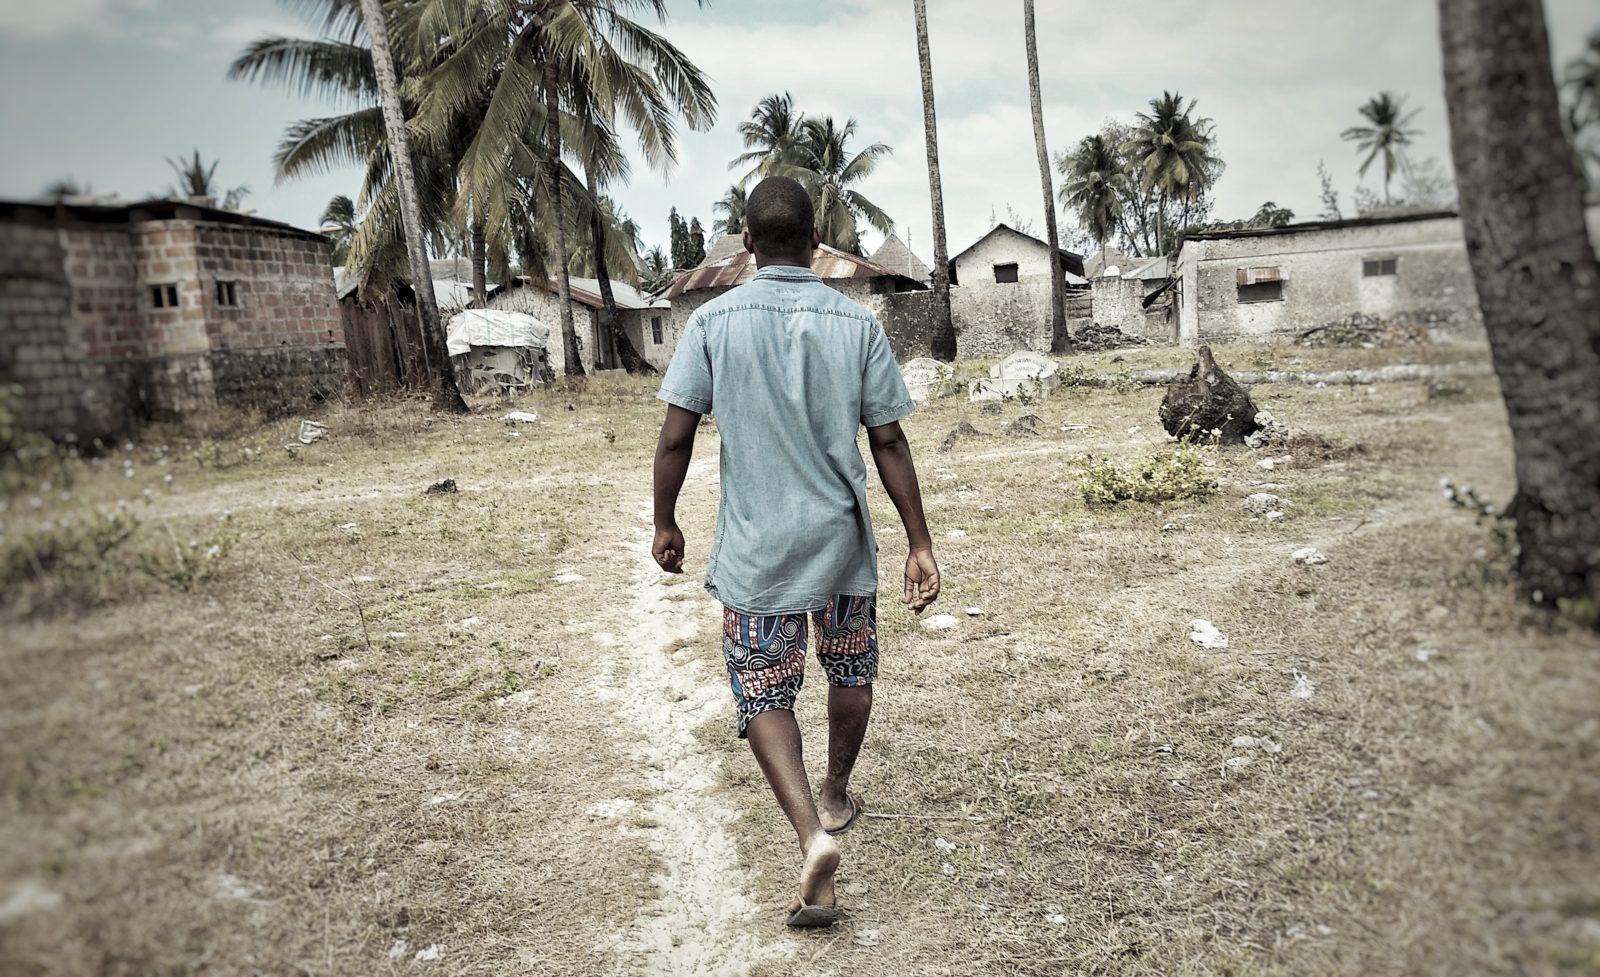 Mustafa elsker historie – tag med på rundvisning i Jambianis gader